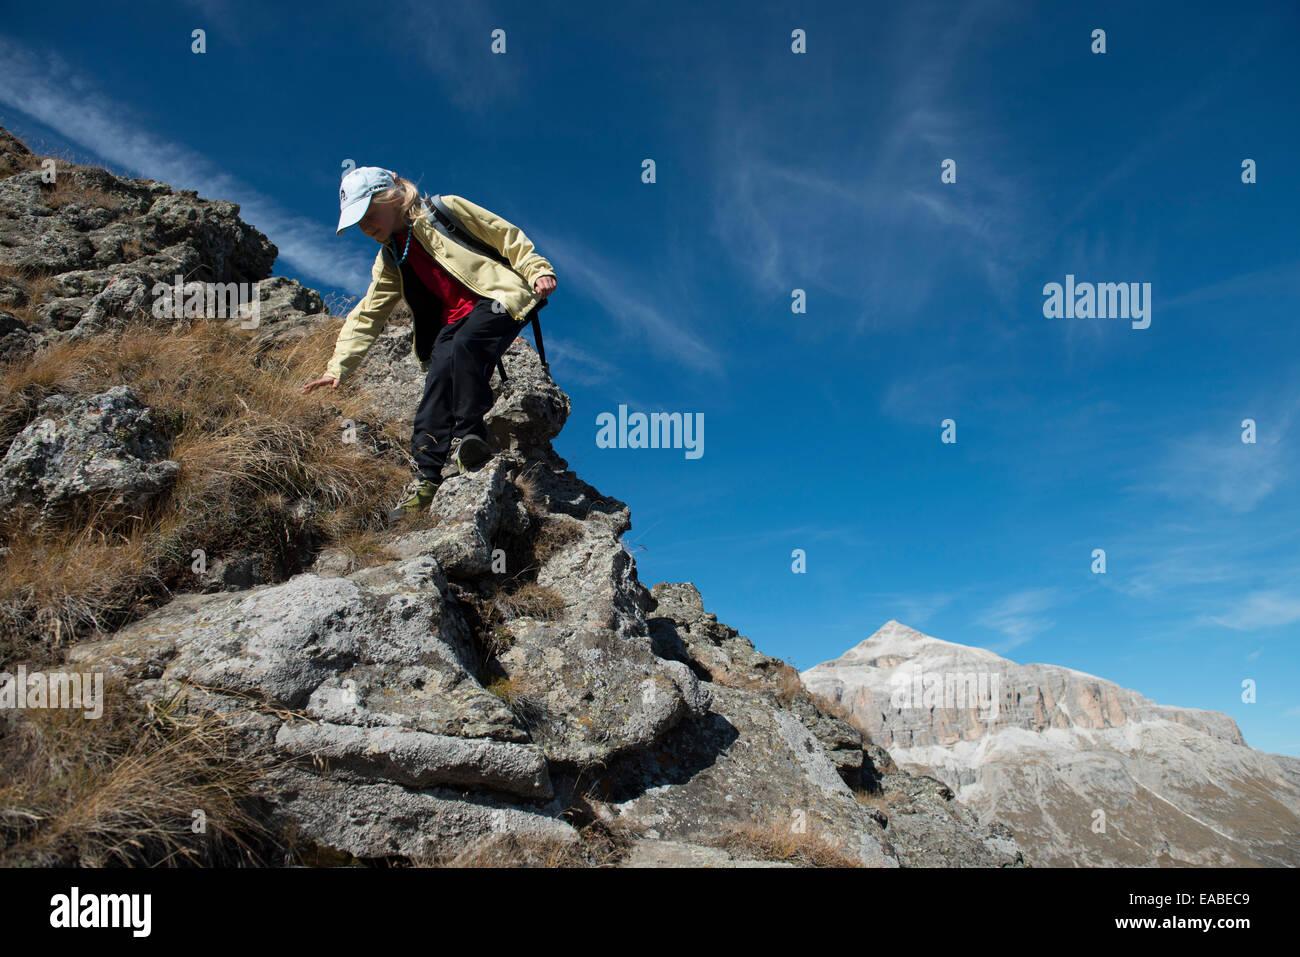 Kind beim abklettern,children climbs down steep way - Stock Image